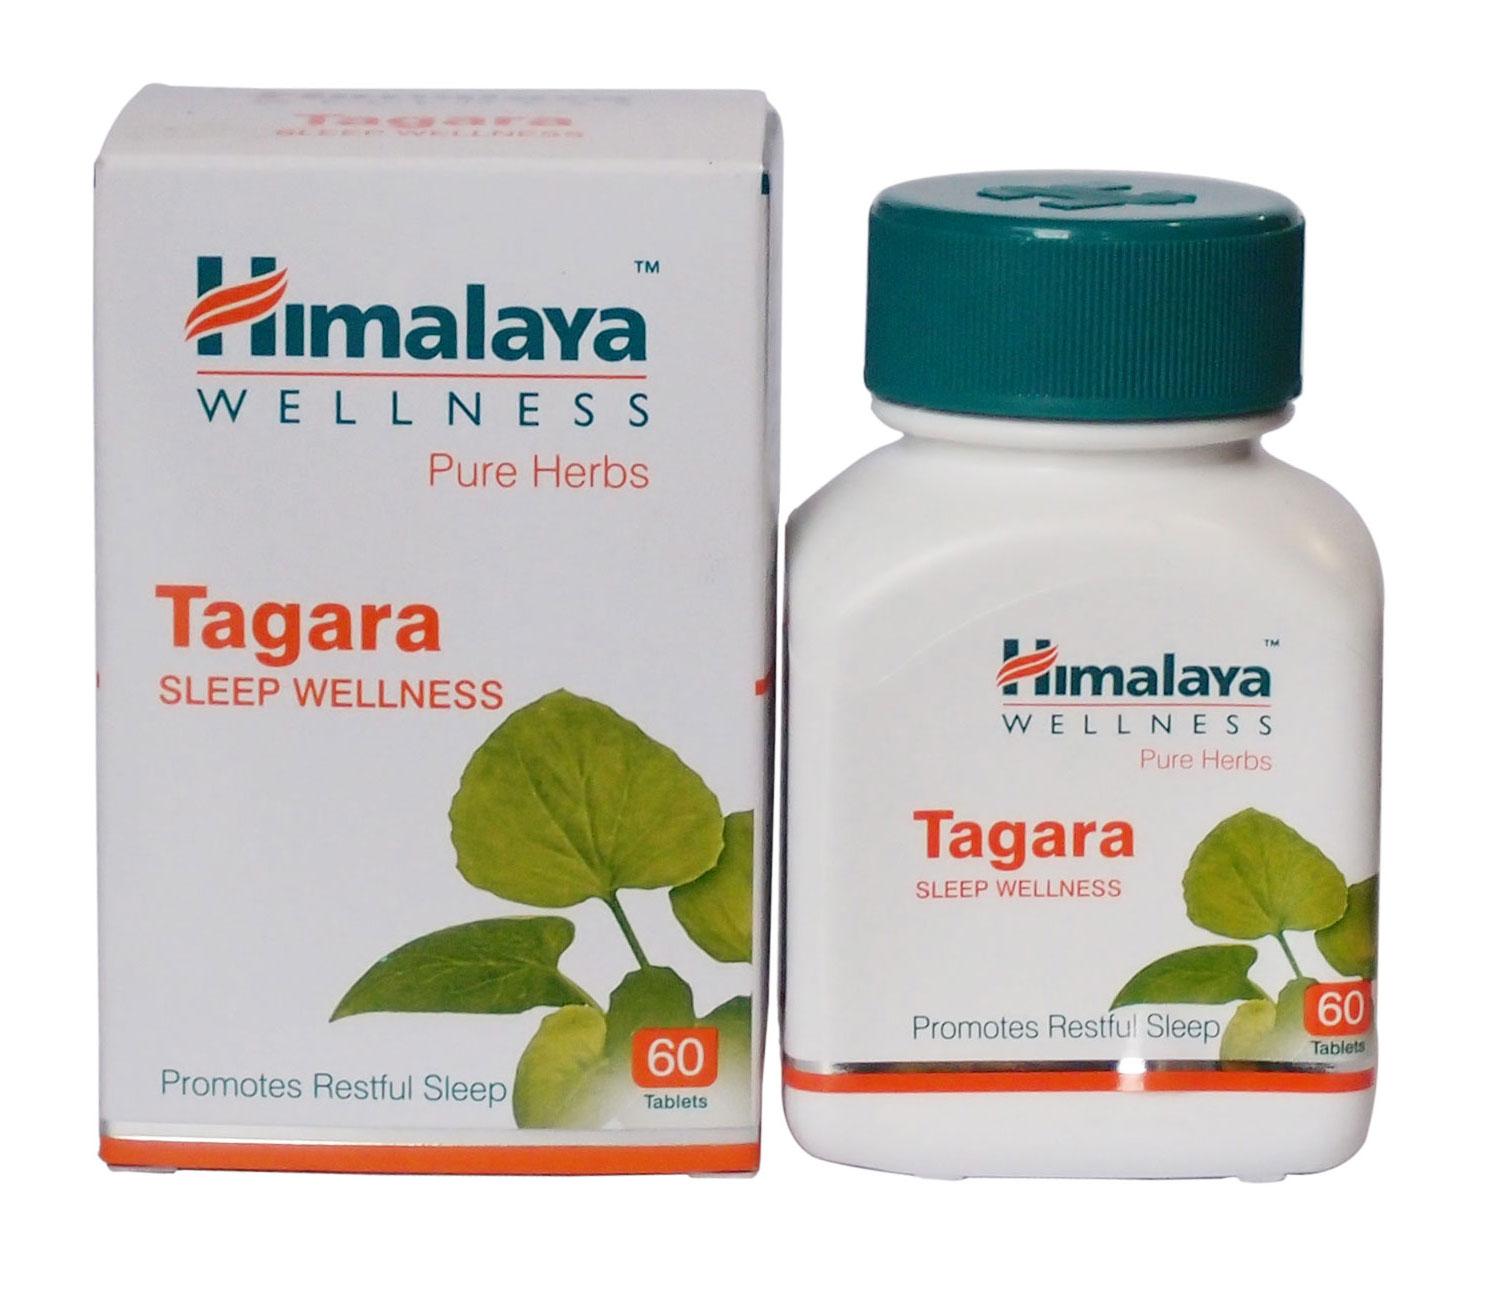 Himalaya Wellness Tagara Sleep Wellness Tablets